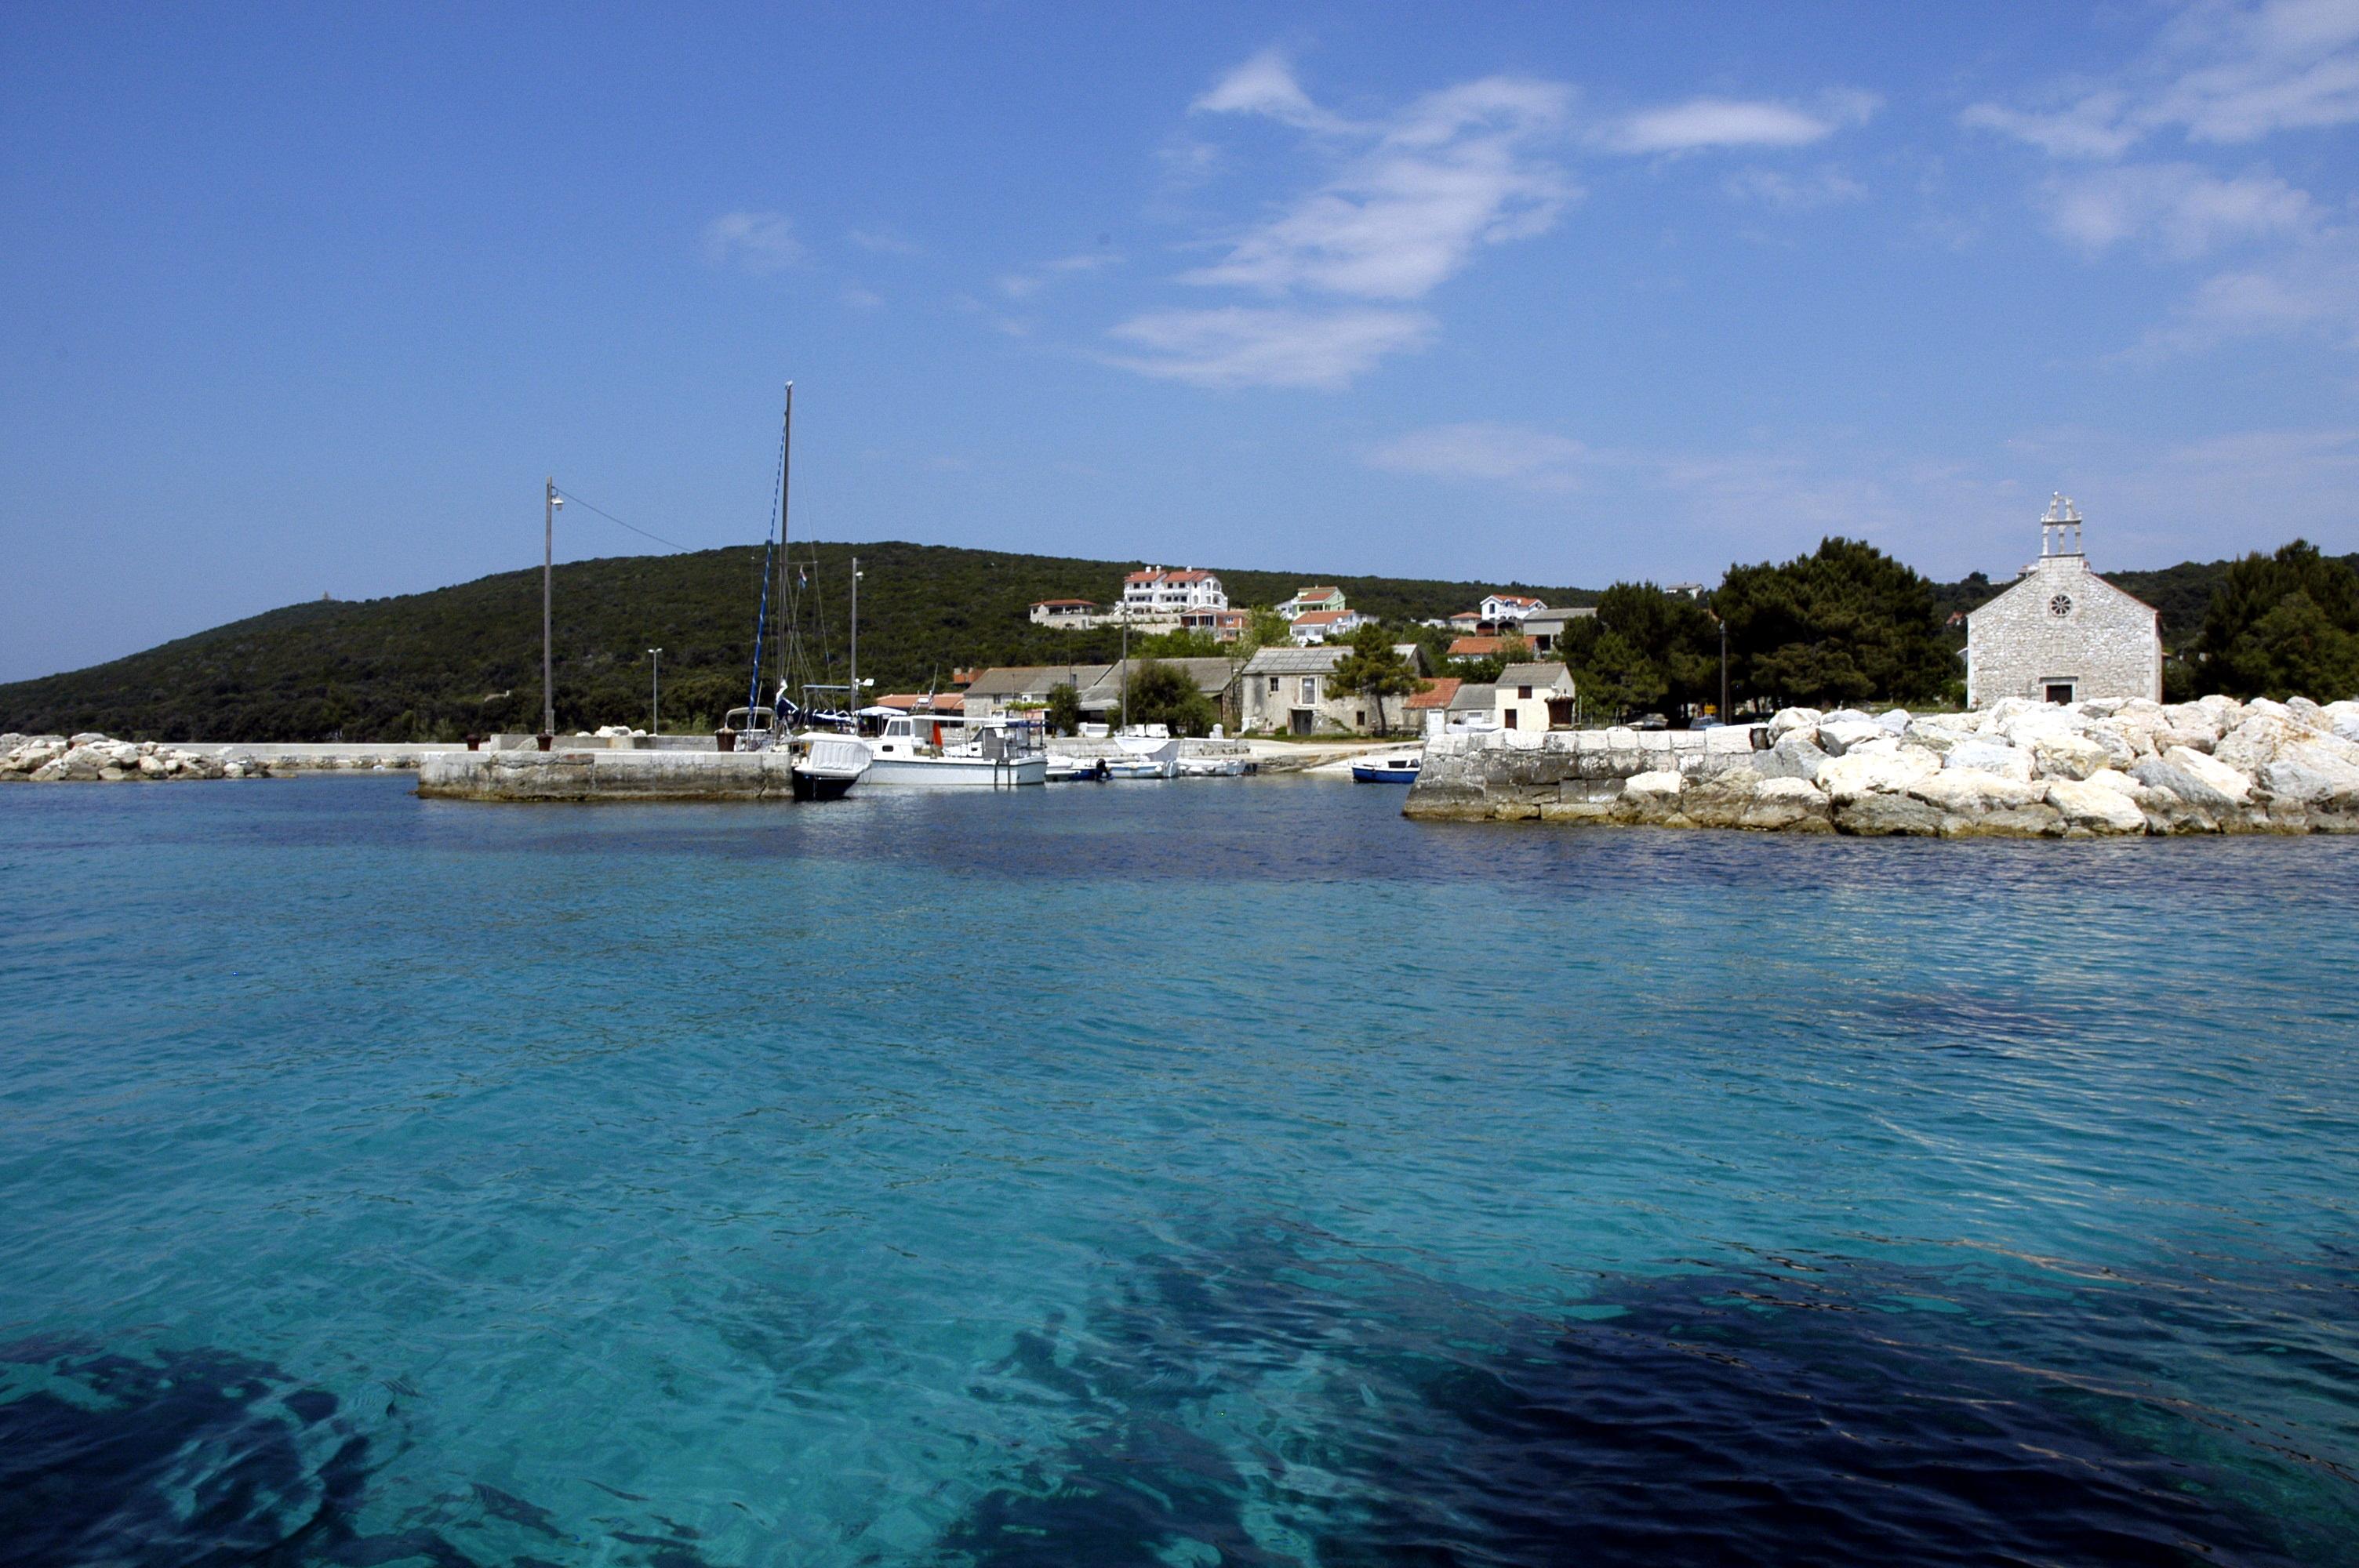 Noleggio Barche Isola di Premuda - Navalia | Noleggia un Sogno